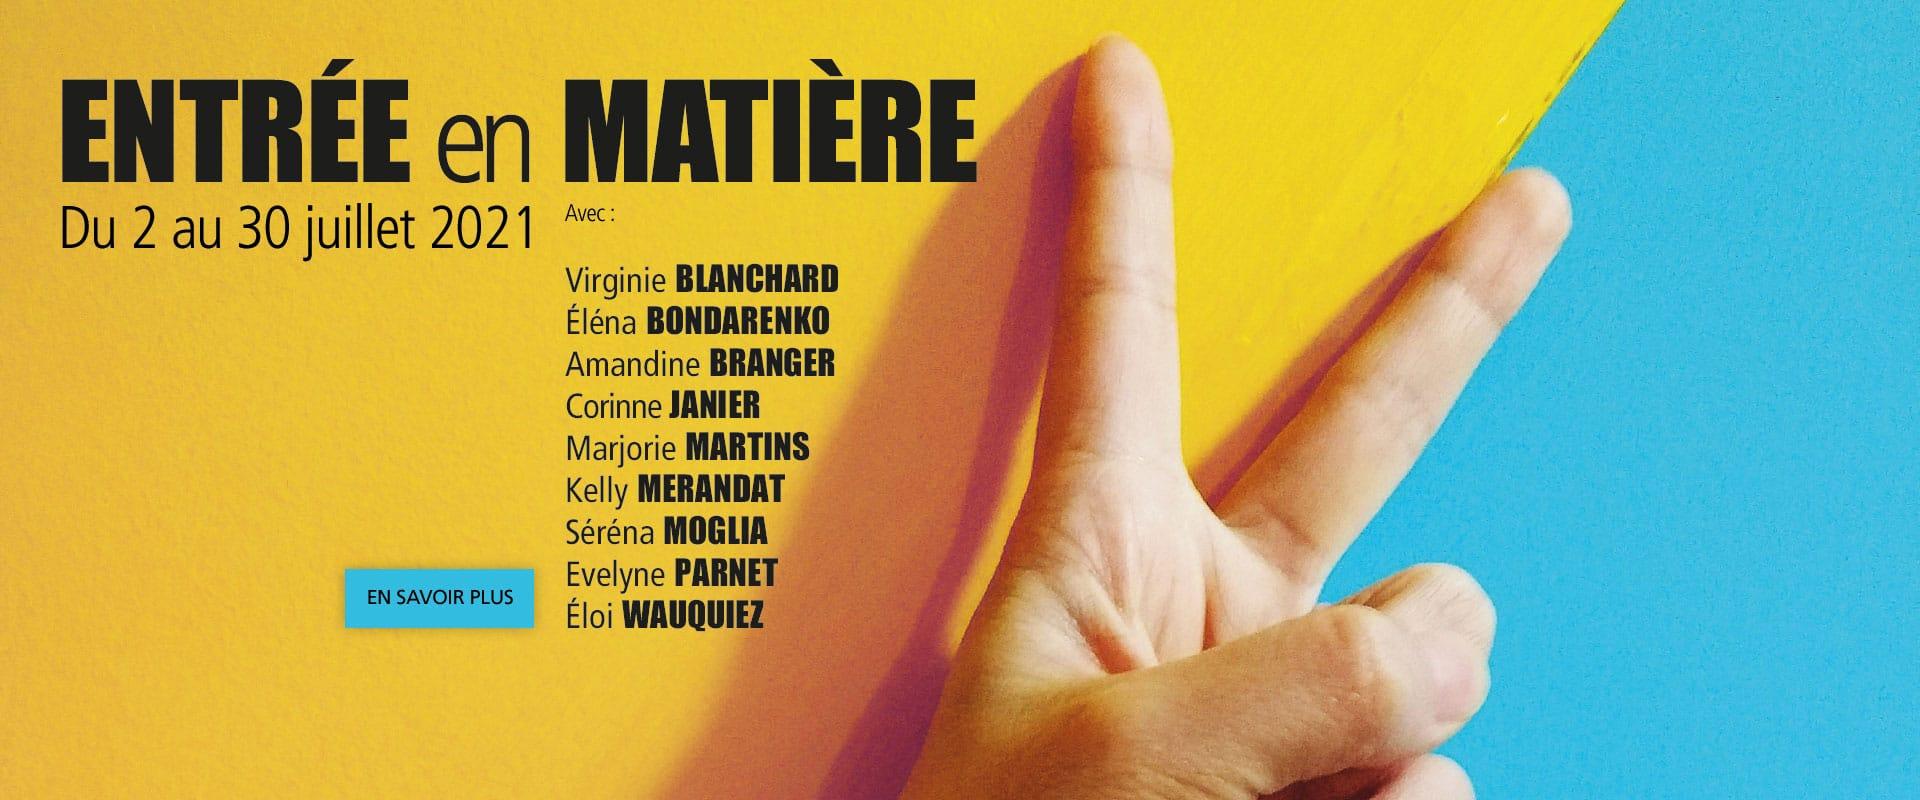 Expo Entrée en Matière - juillet 2021